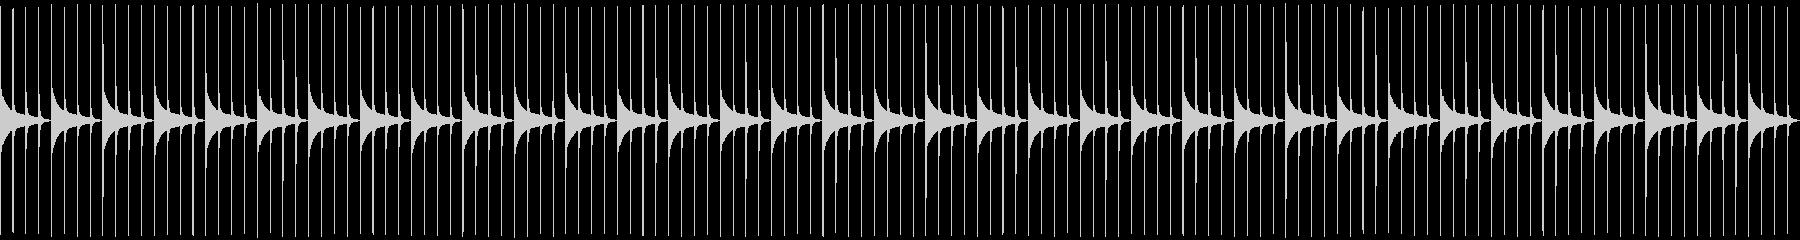 木製振り子メトロノーム09-BPM132の未再生の波形